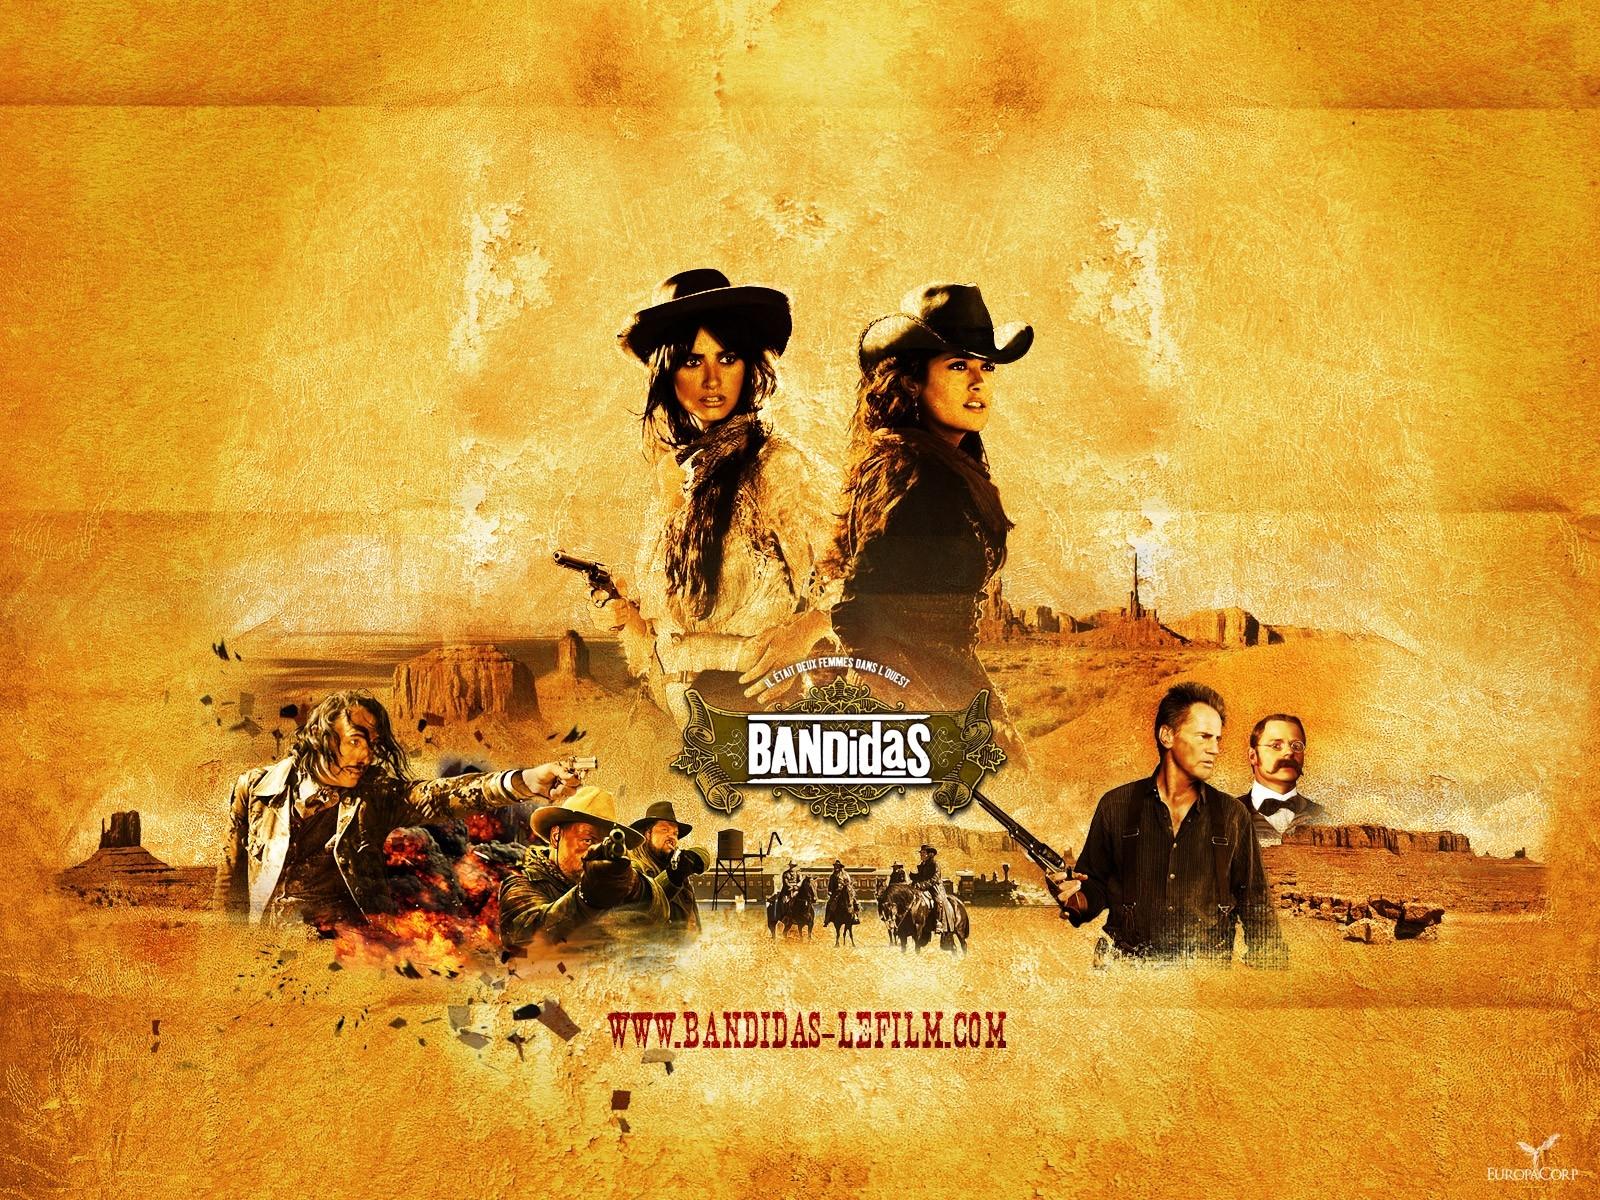 Wallpaper del film Bandidas con Penelope Cruz